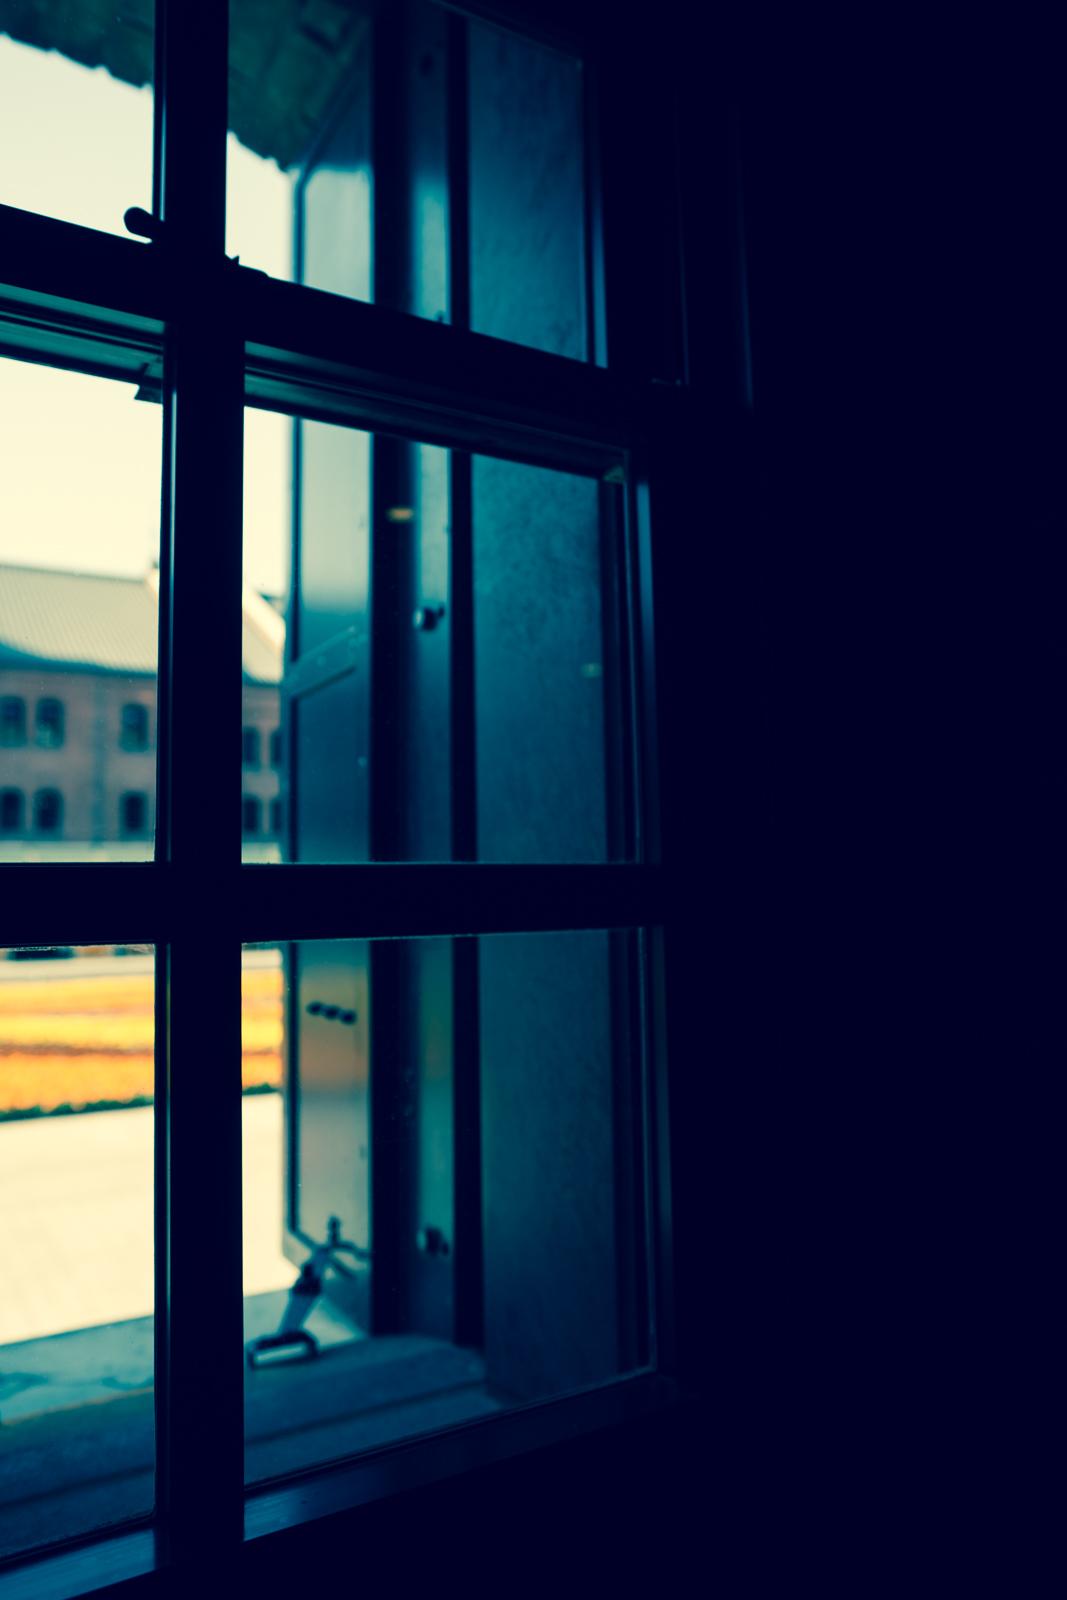 光が綺麗な窓辺の写真